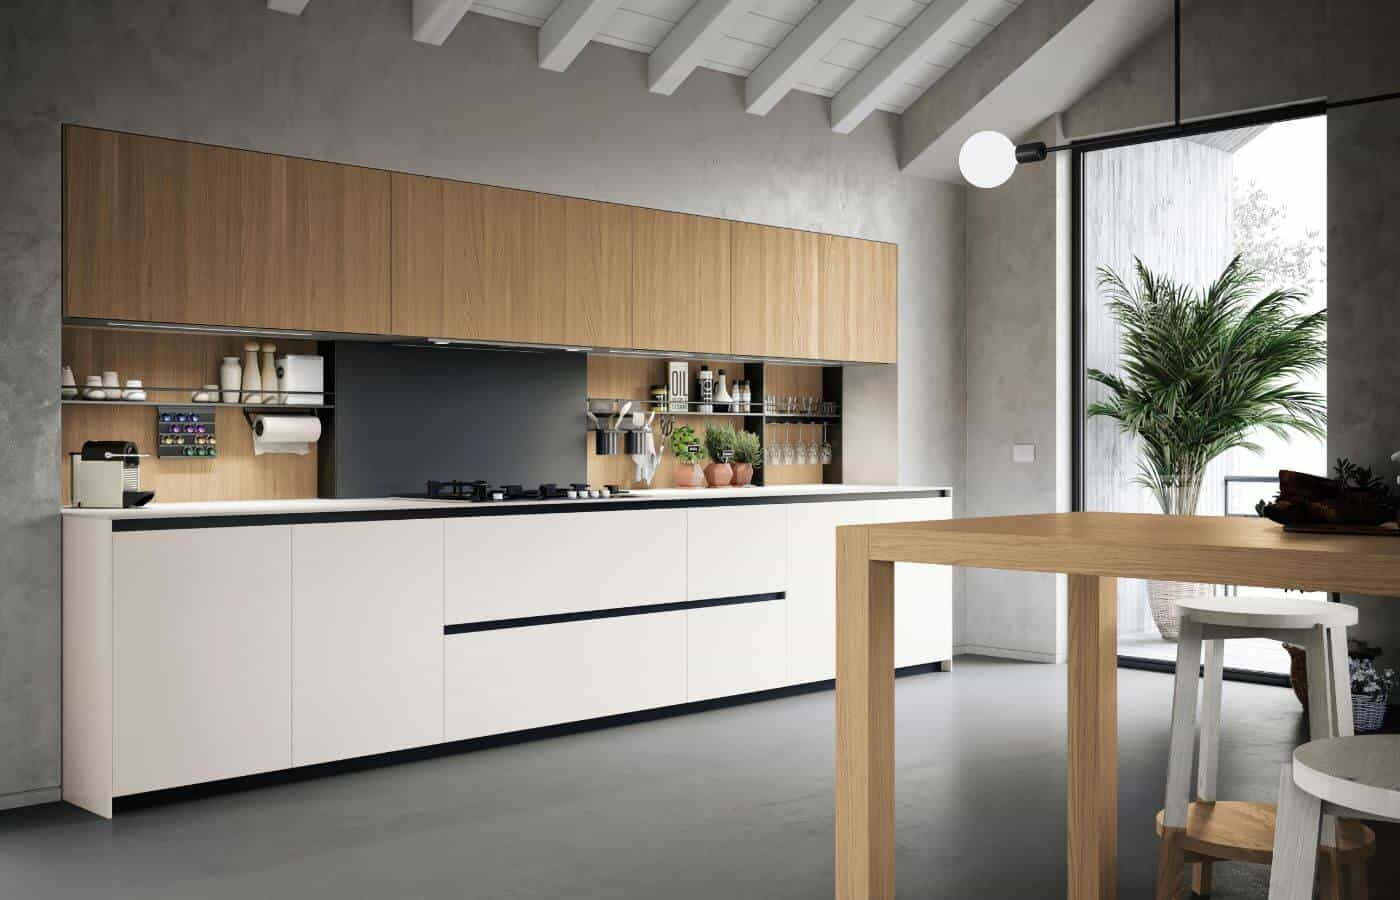 cucina-anta-gola-collezione-svezia-il-mobile